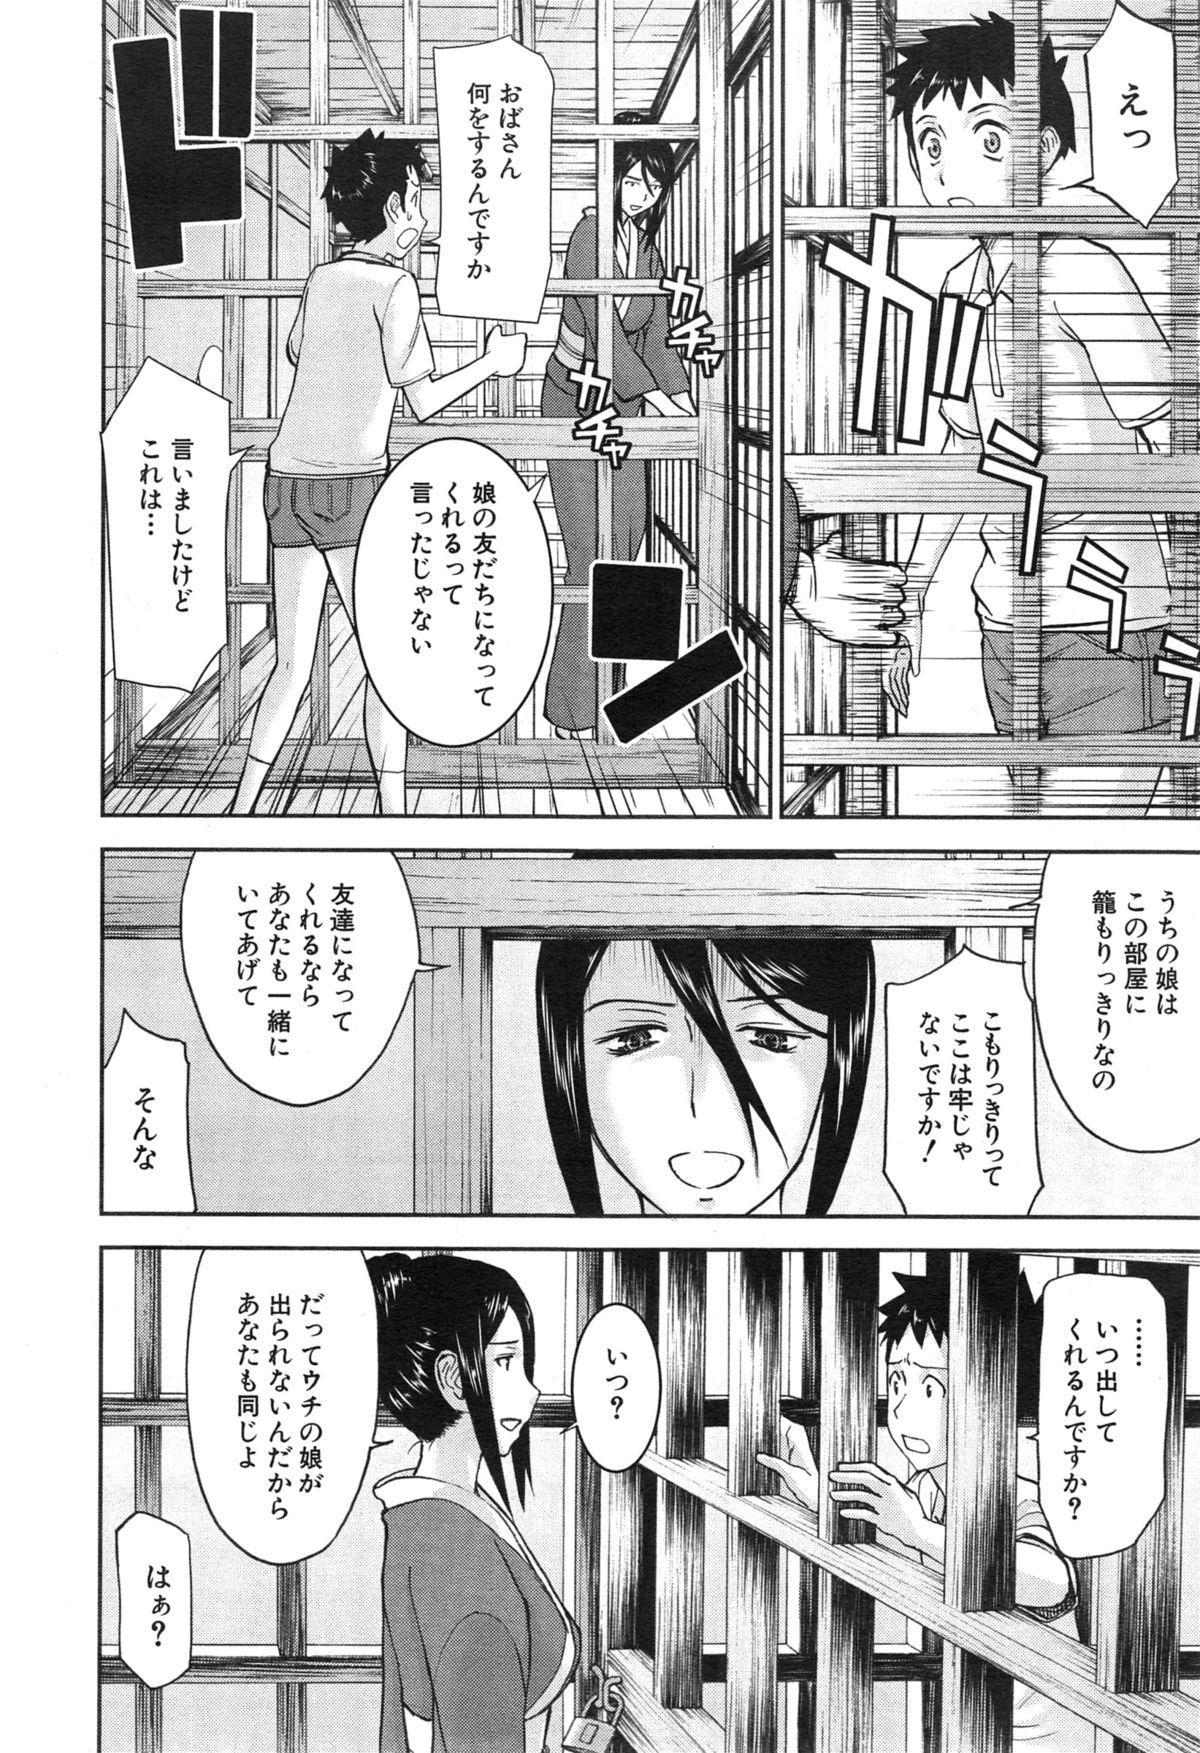 Zashikihime no Omocha Ch. 1-2 37